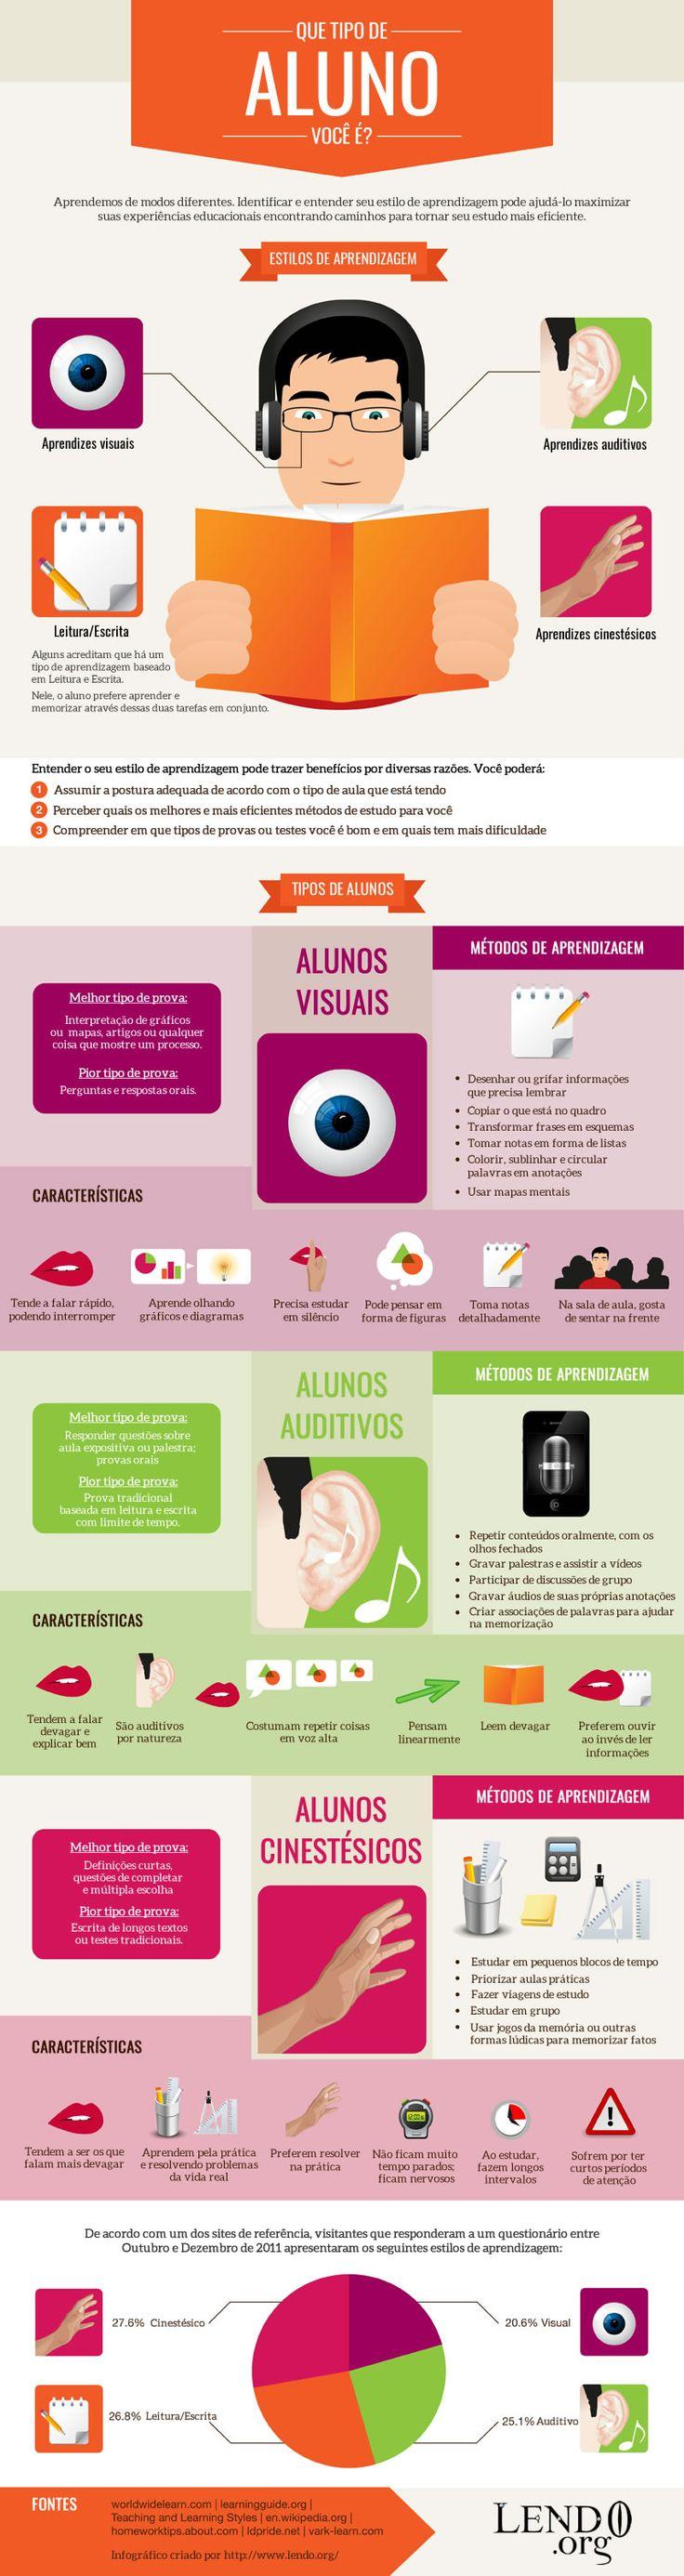 Infográfico sobre Estilos de Aprendizagem: Visual, Auditivo, Cinestésico ou…